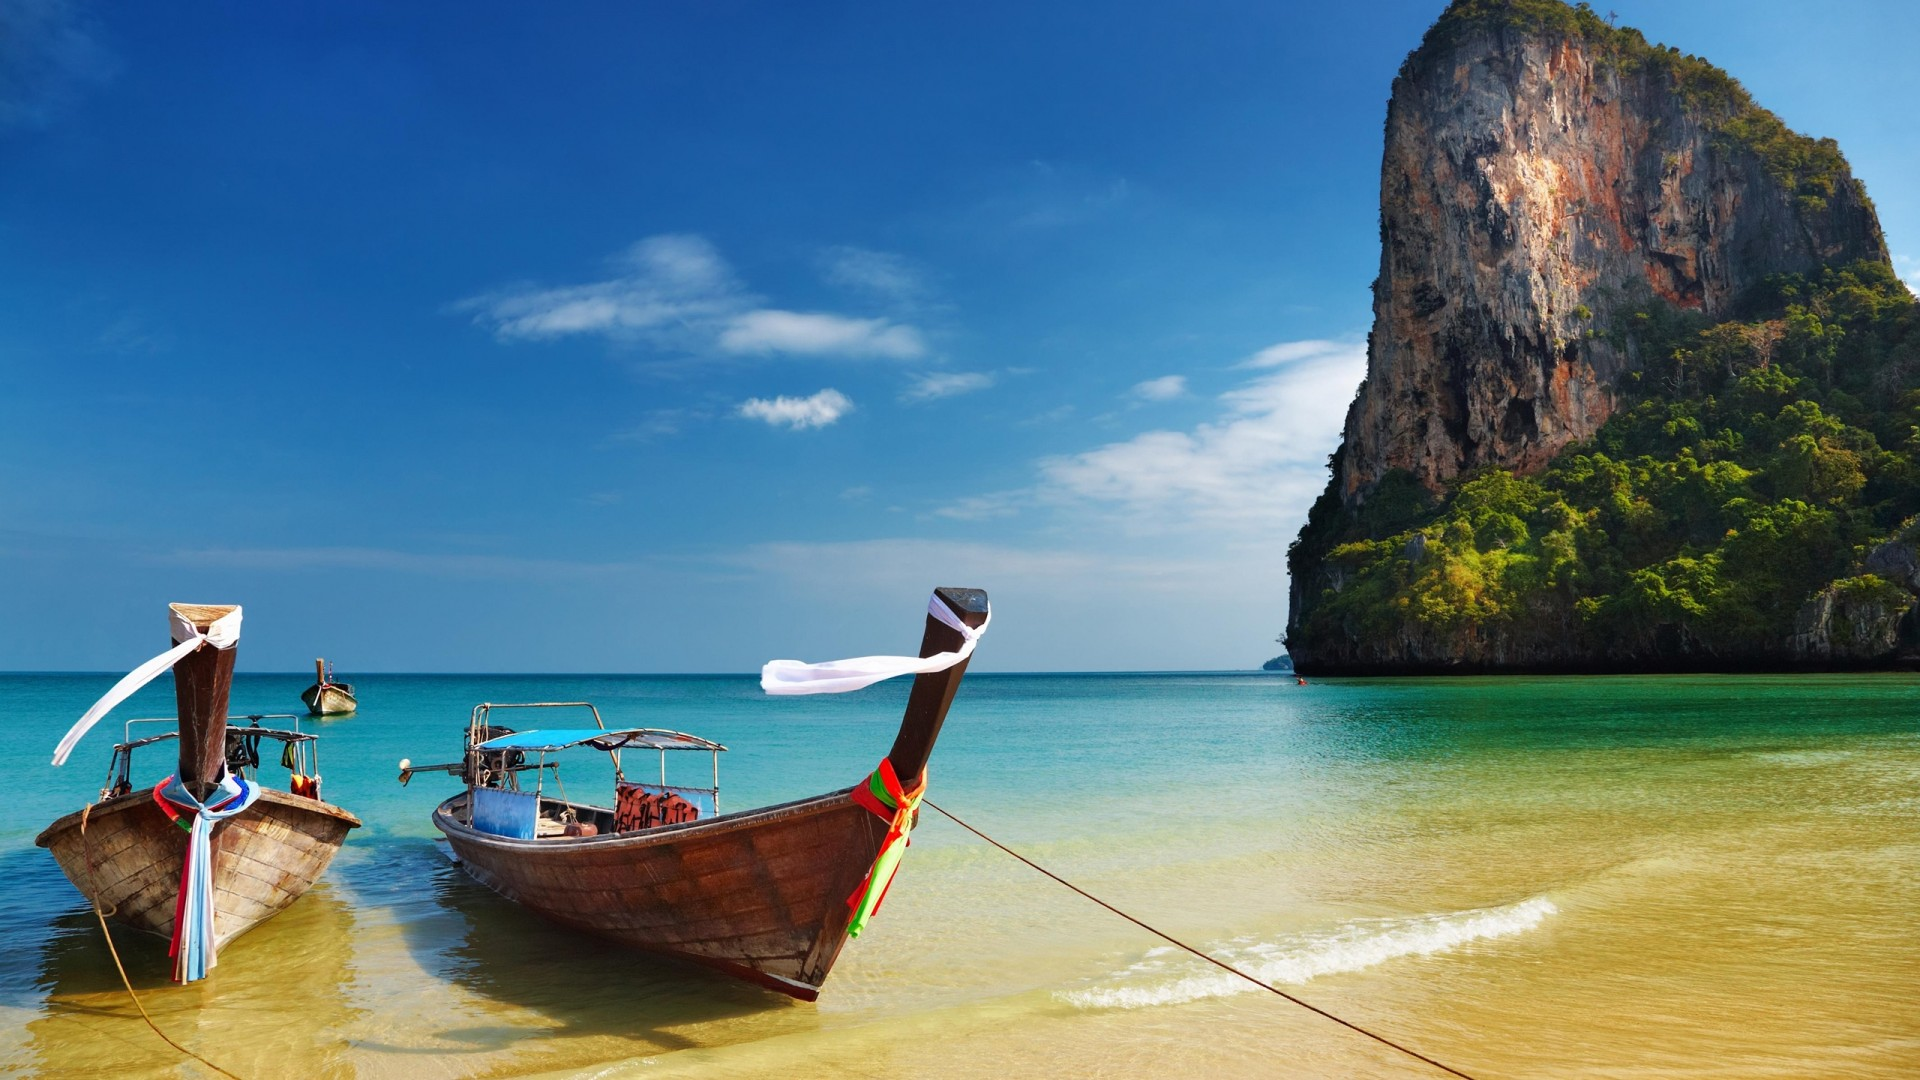 Thailand Tropical Beach Boats Hd Wallpaper 87901 1920x1080